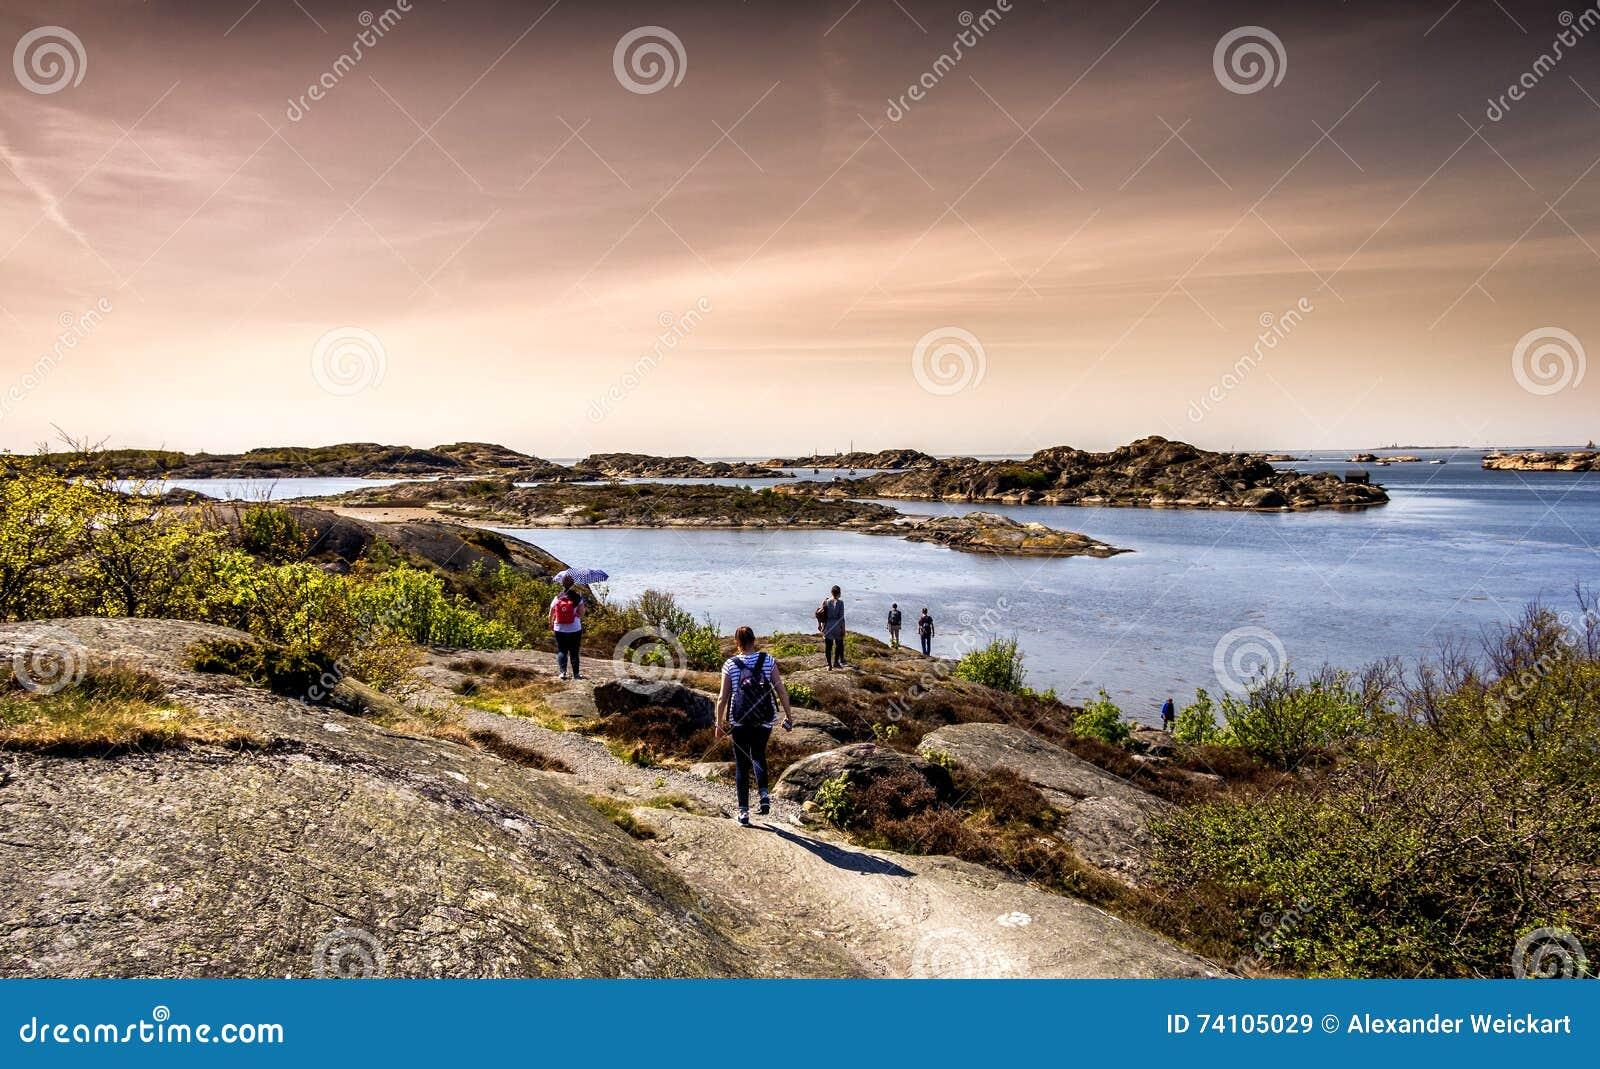 Älskvärd ö, härlig natur och en dramatisk himmel - Göteborg, Sverige